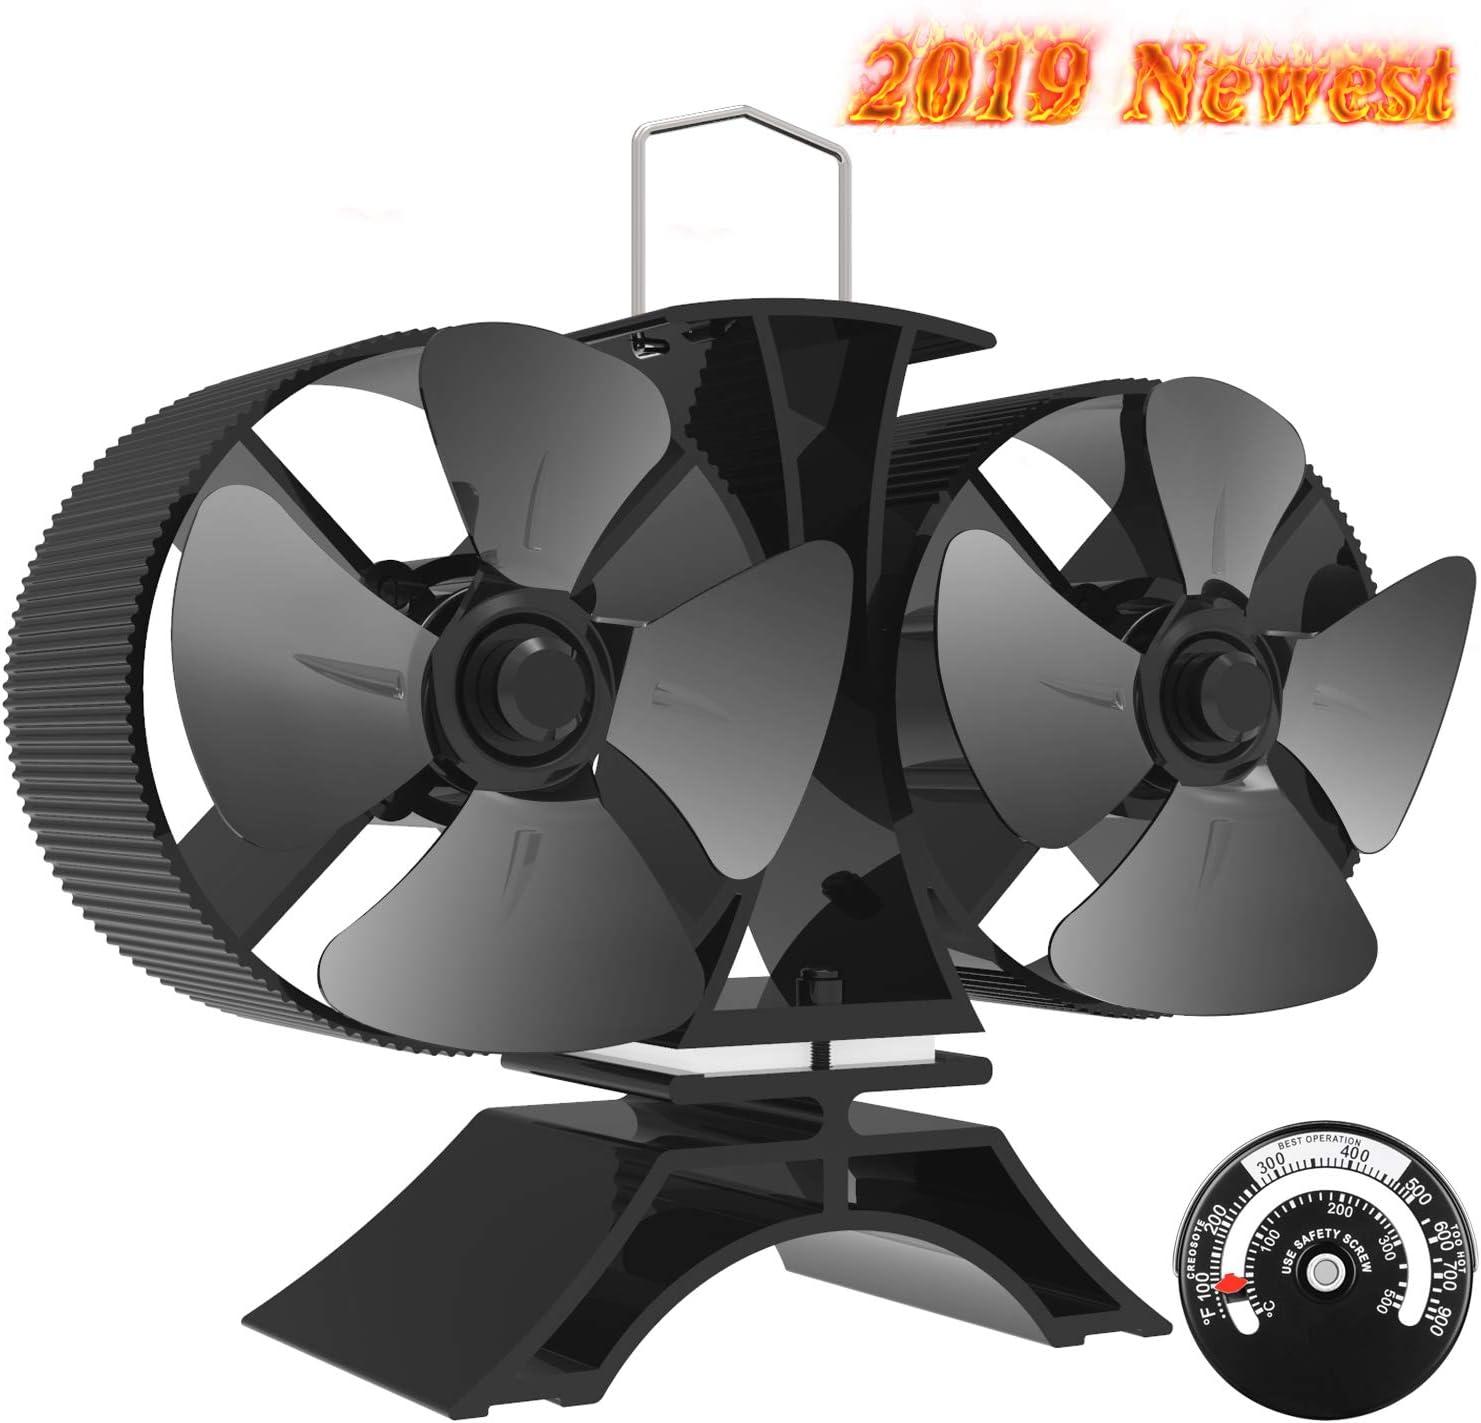 Pequeño Ventilador de la estufa - 8-cuchilla Motor Gemelo Ventilador de Estufa,Ventilador Chimenea para Madera/Estufa de Leña/Chimenea,Silencio,con Termómetro Magnético[Clase energética A +++]